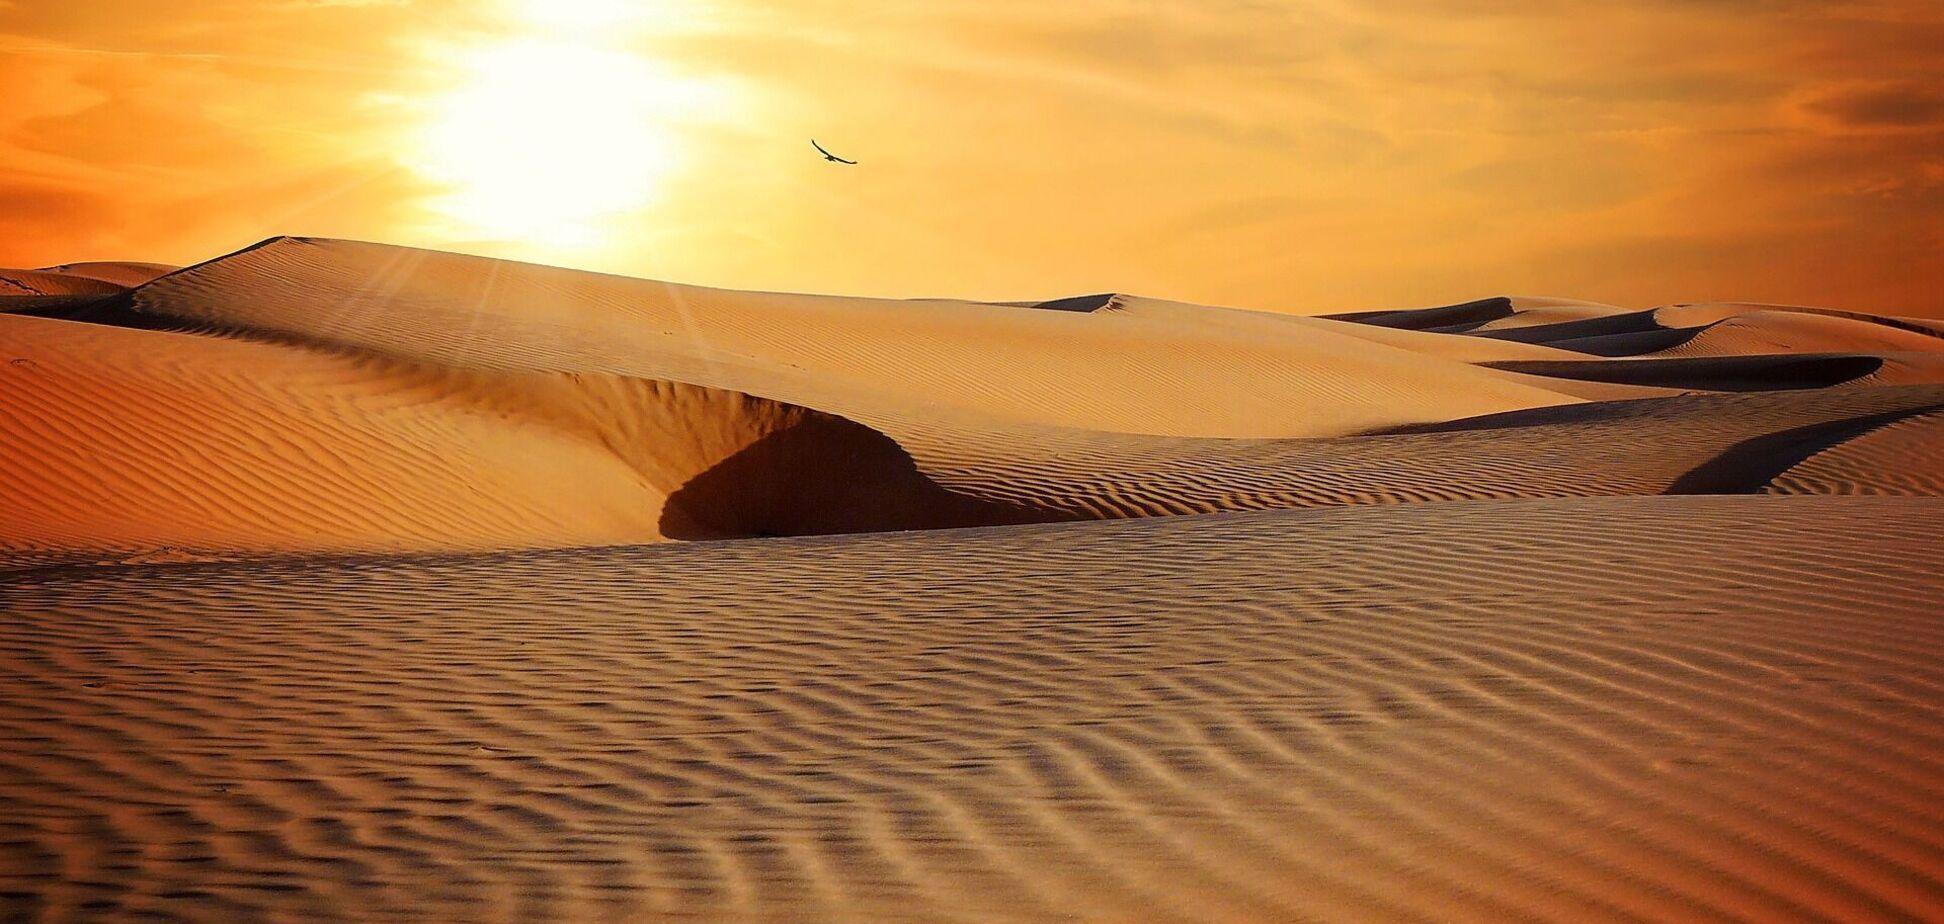 Песок из Сахары окрасил курорты Швейцарии в оранжевый цвет